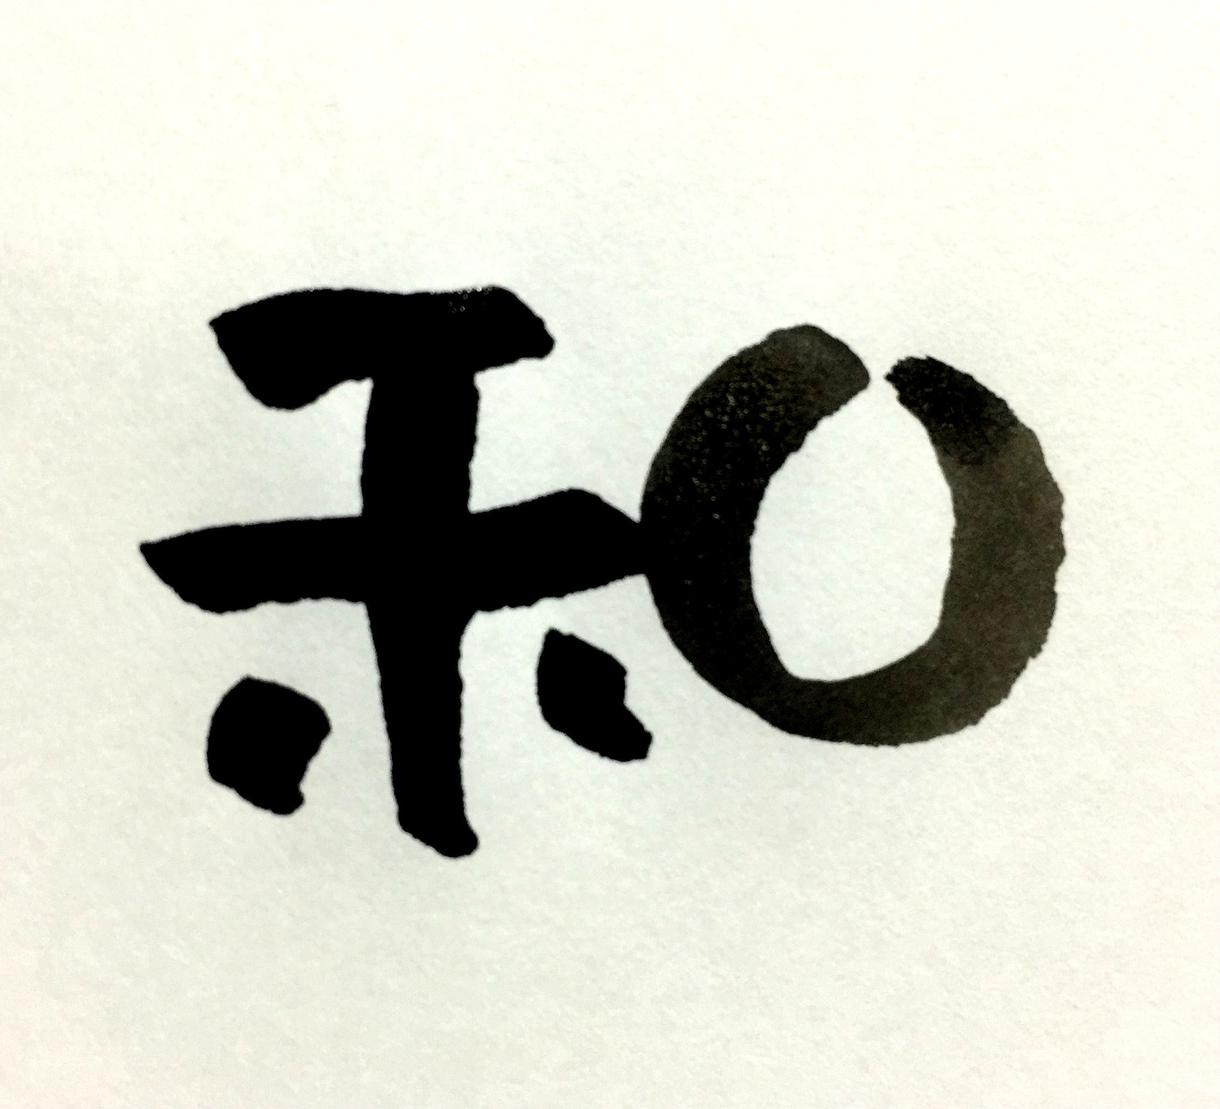 ほっこり筆一文字書きます お名前の一文字、オリジナル、ロゴ、などにいかがでしょうか。